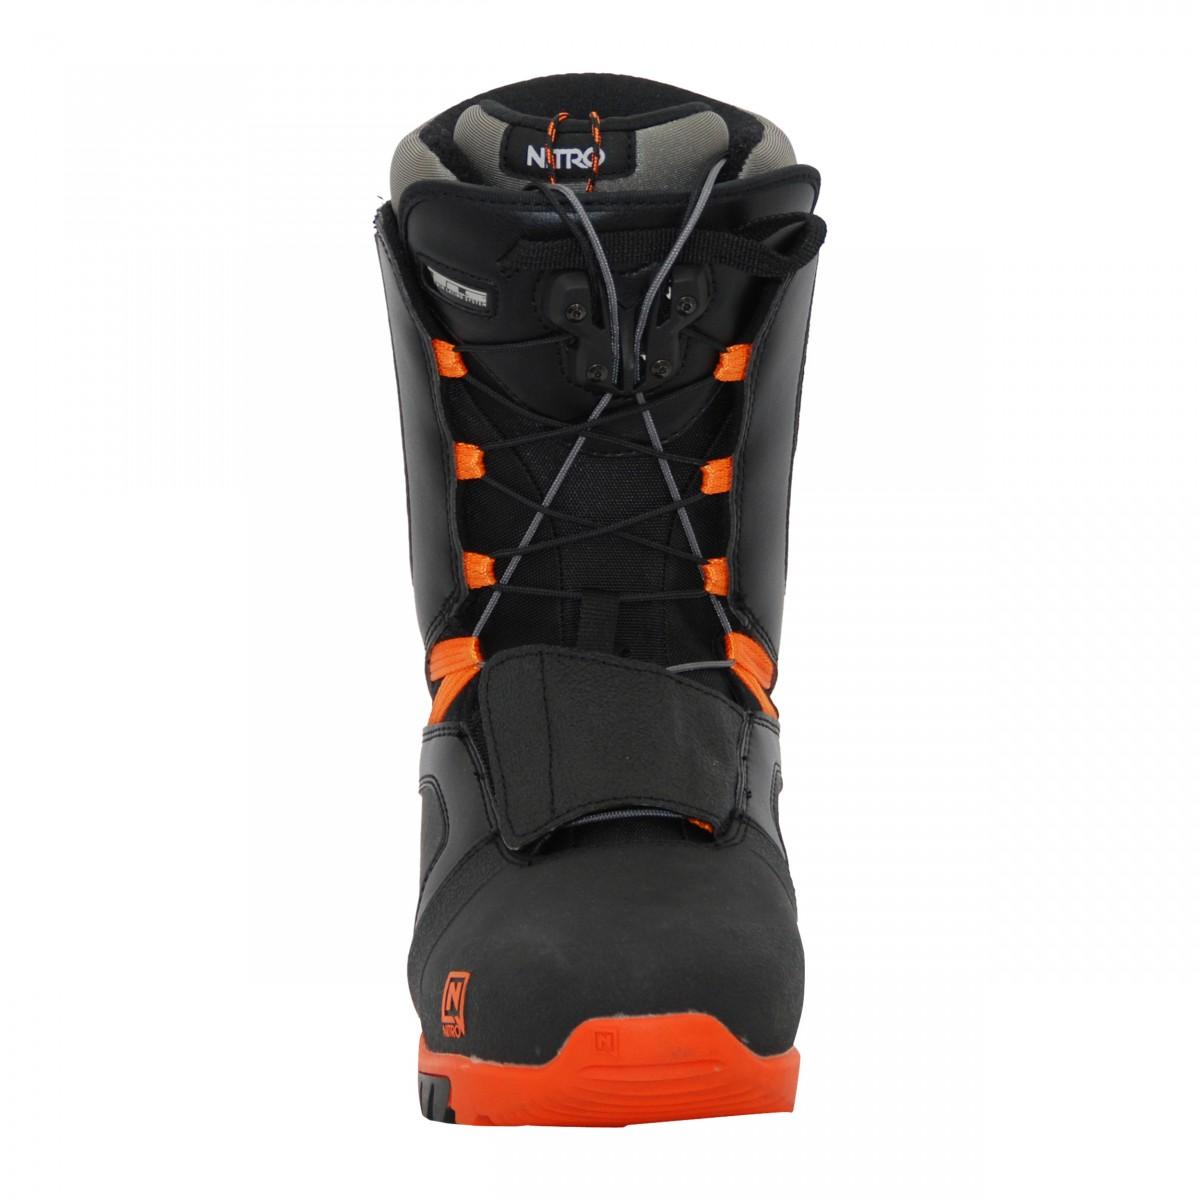 Boots-occasion-de-snowboard-occasion-Nitro-TlS miniature 5